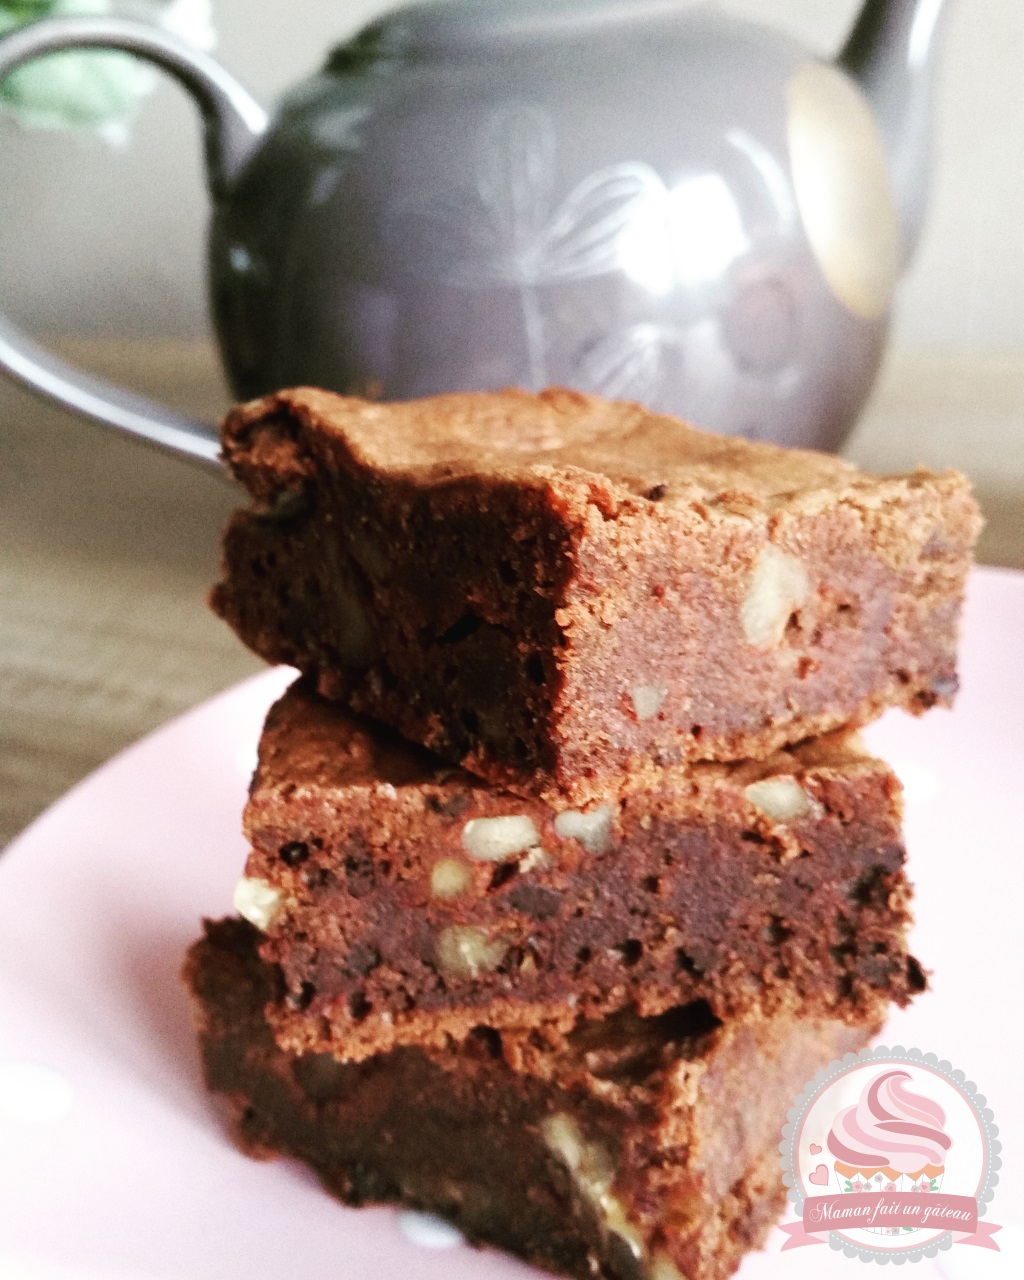 brownie-philippe-conticini-9